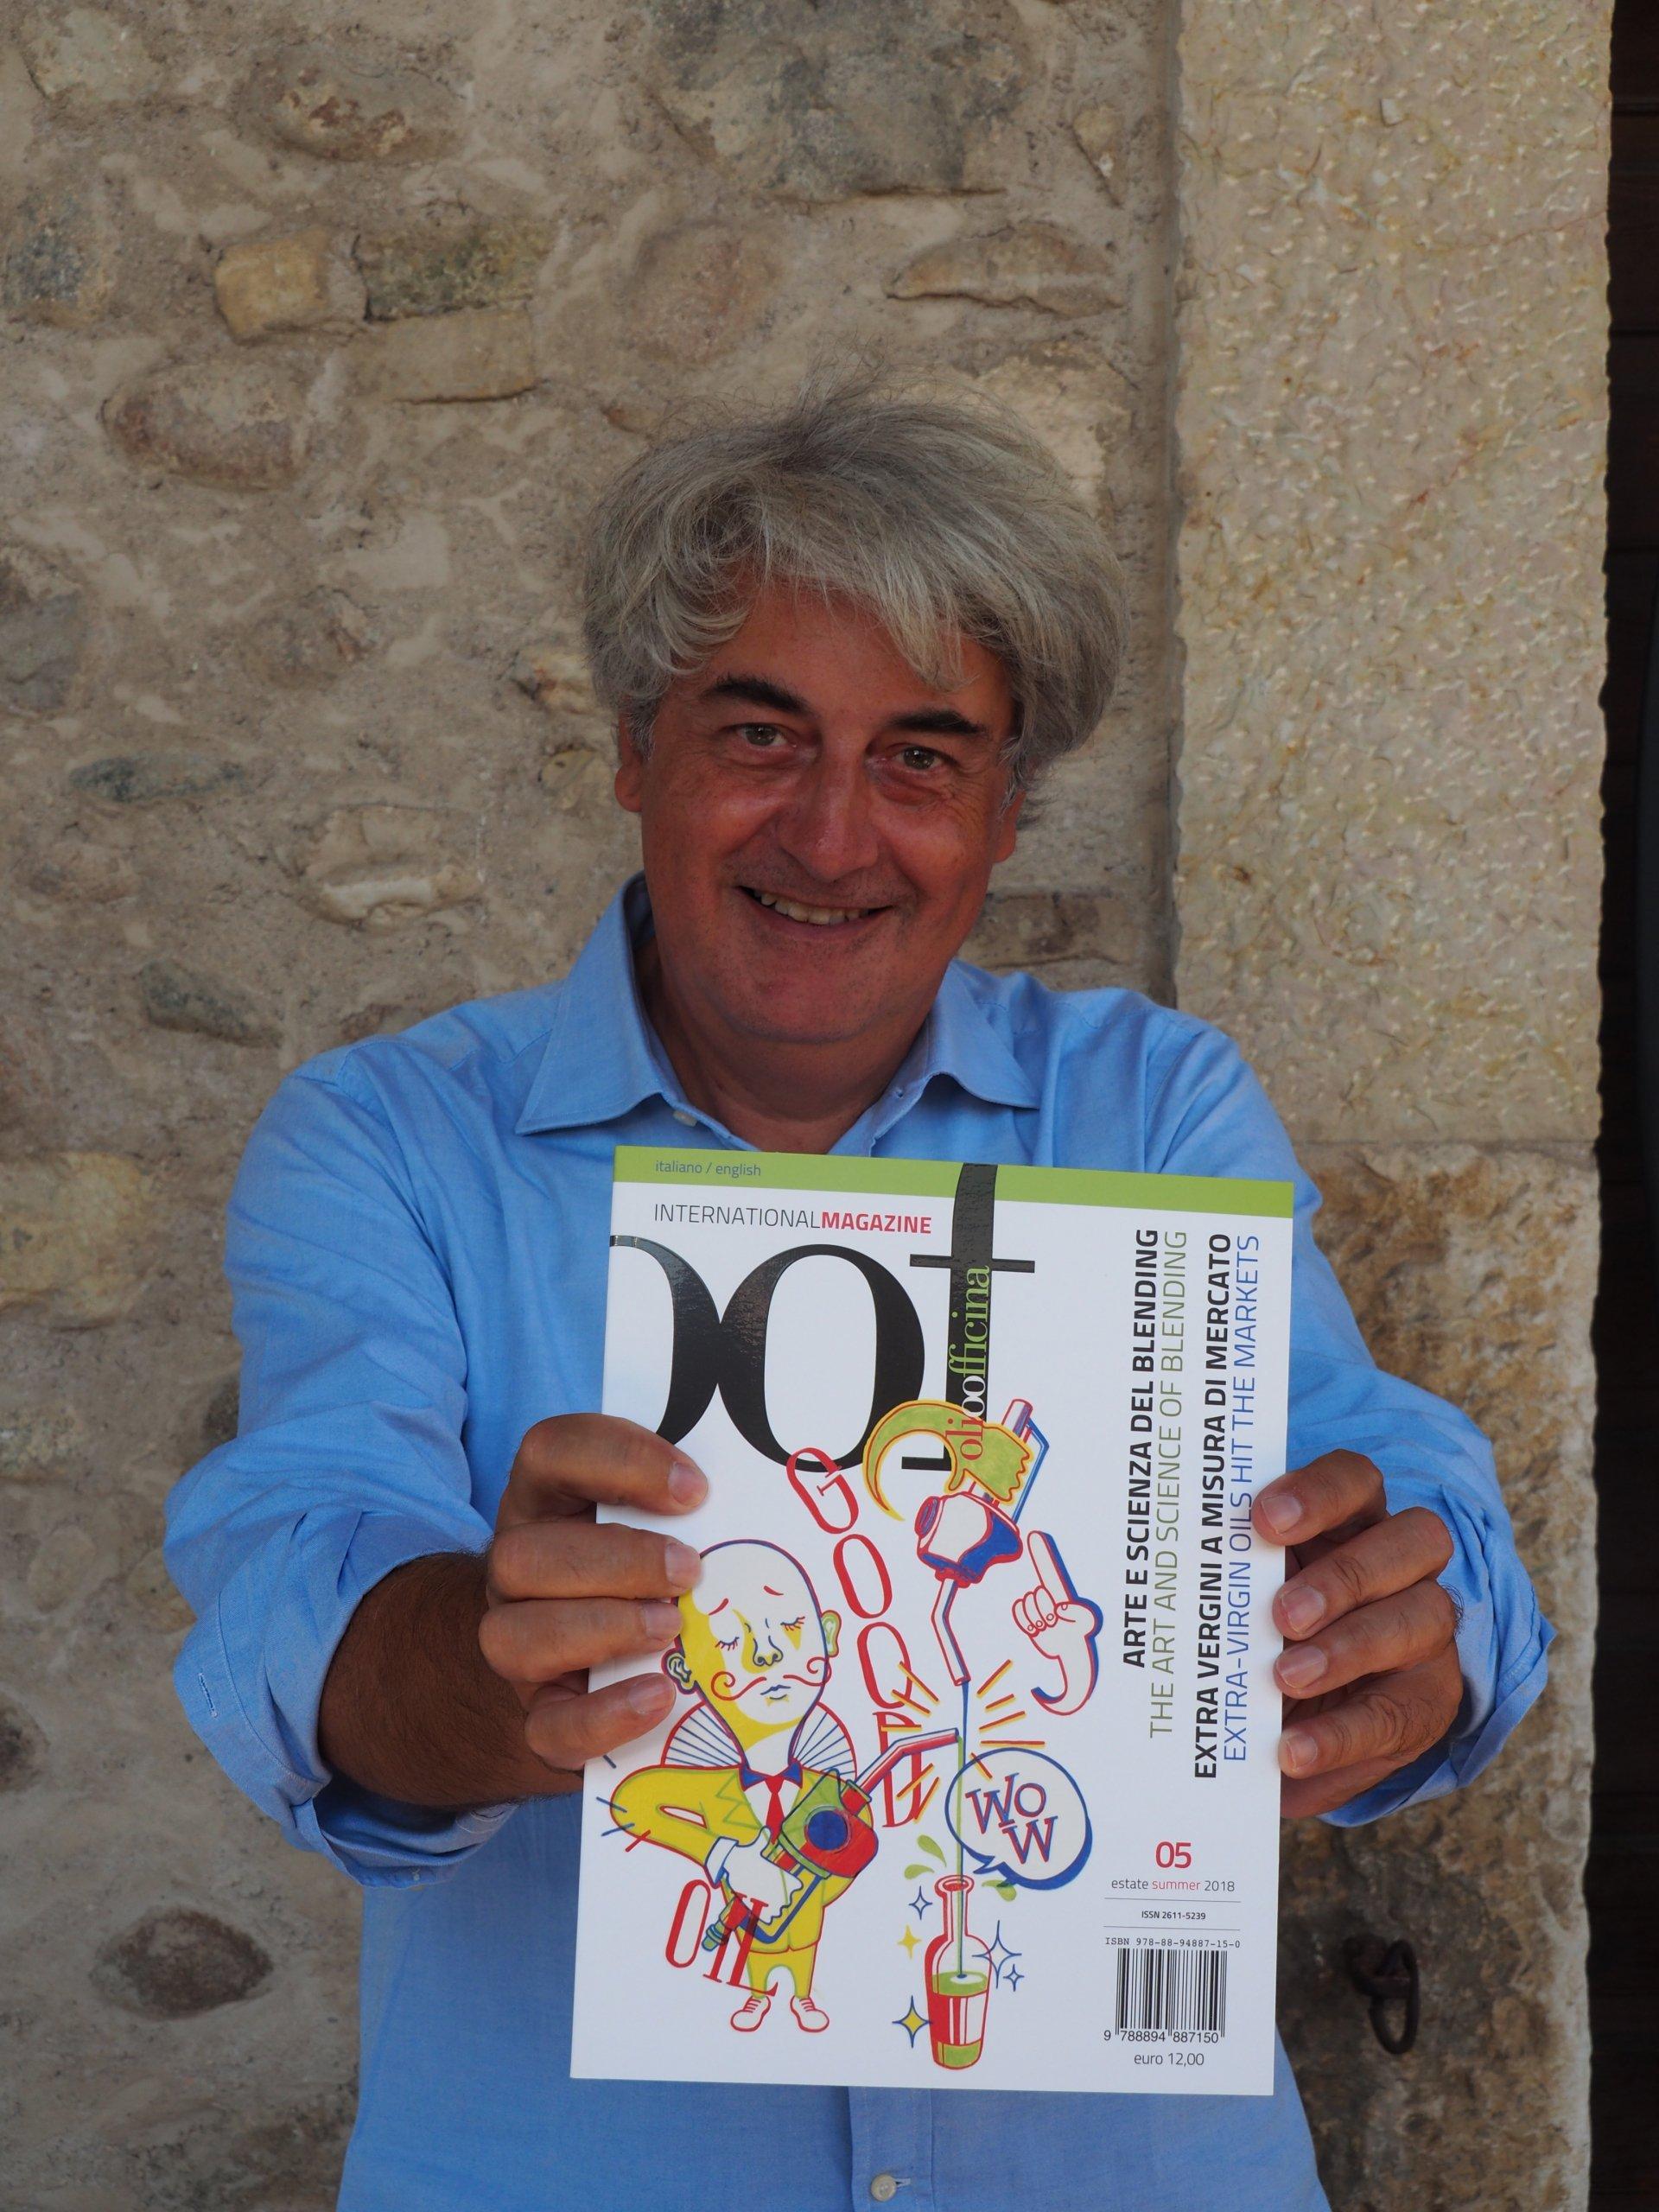 Abbonarsi a OOF International Magazine e collezionare tutti i numeri finora usciti